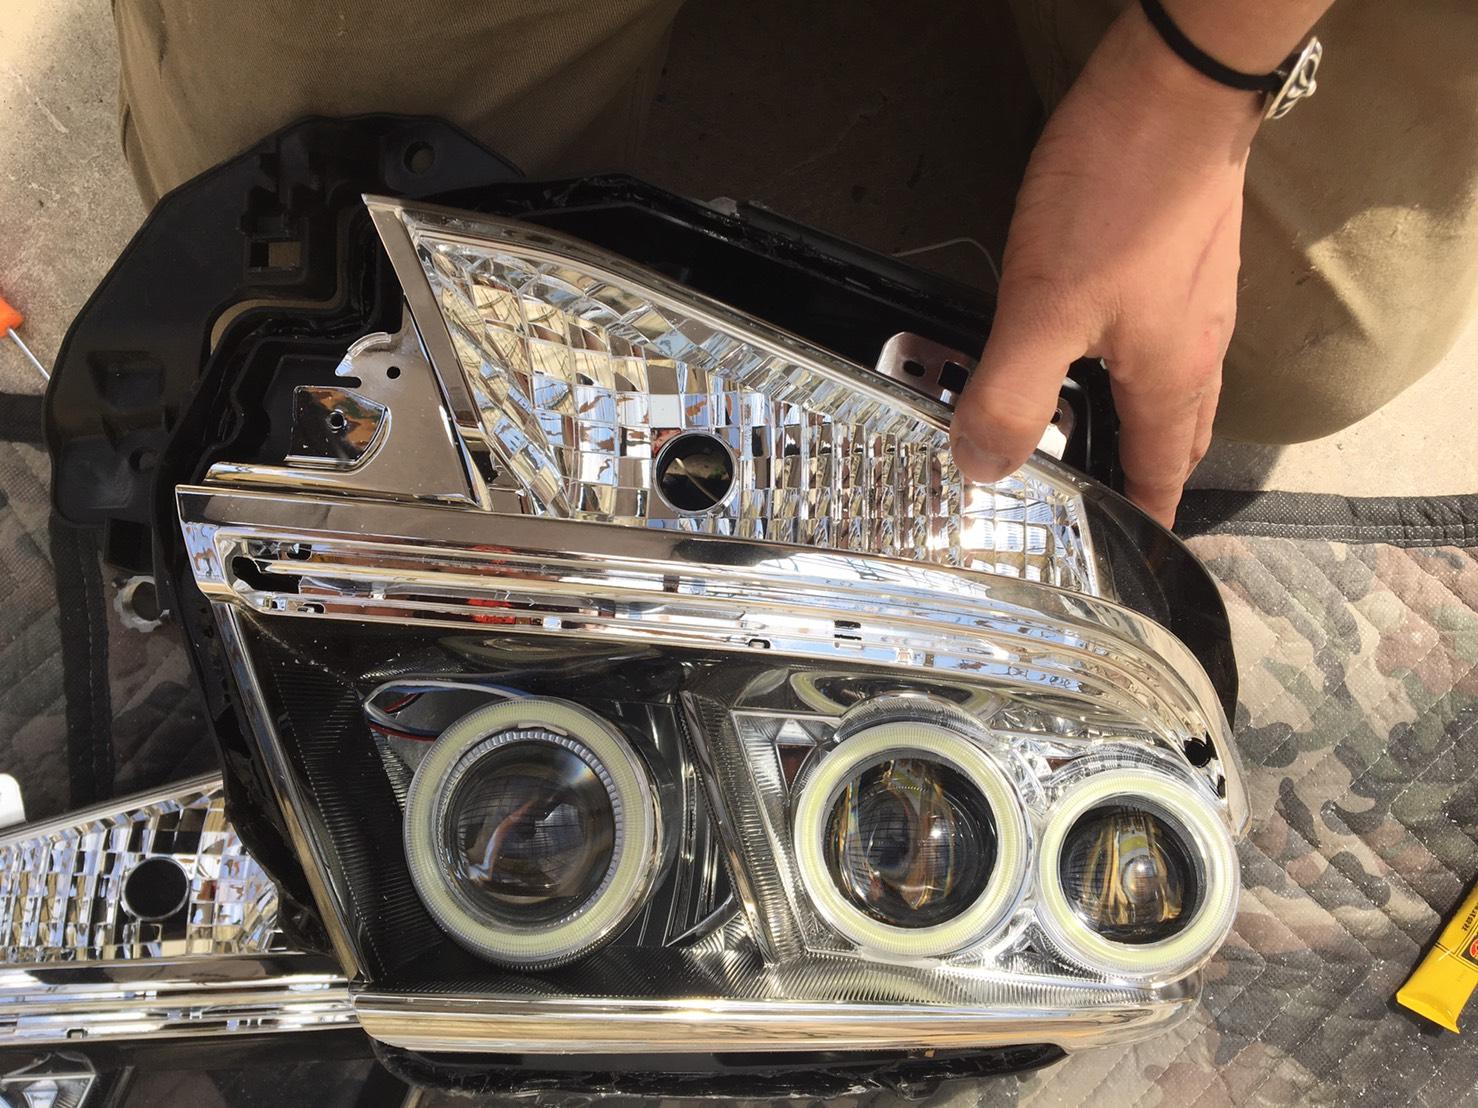 タントカスタム ヘッドライトプロジェクタ移植 イカリング取り付け施工後1